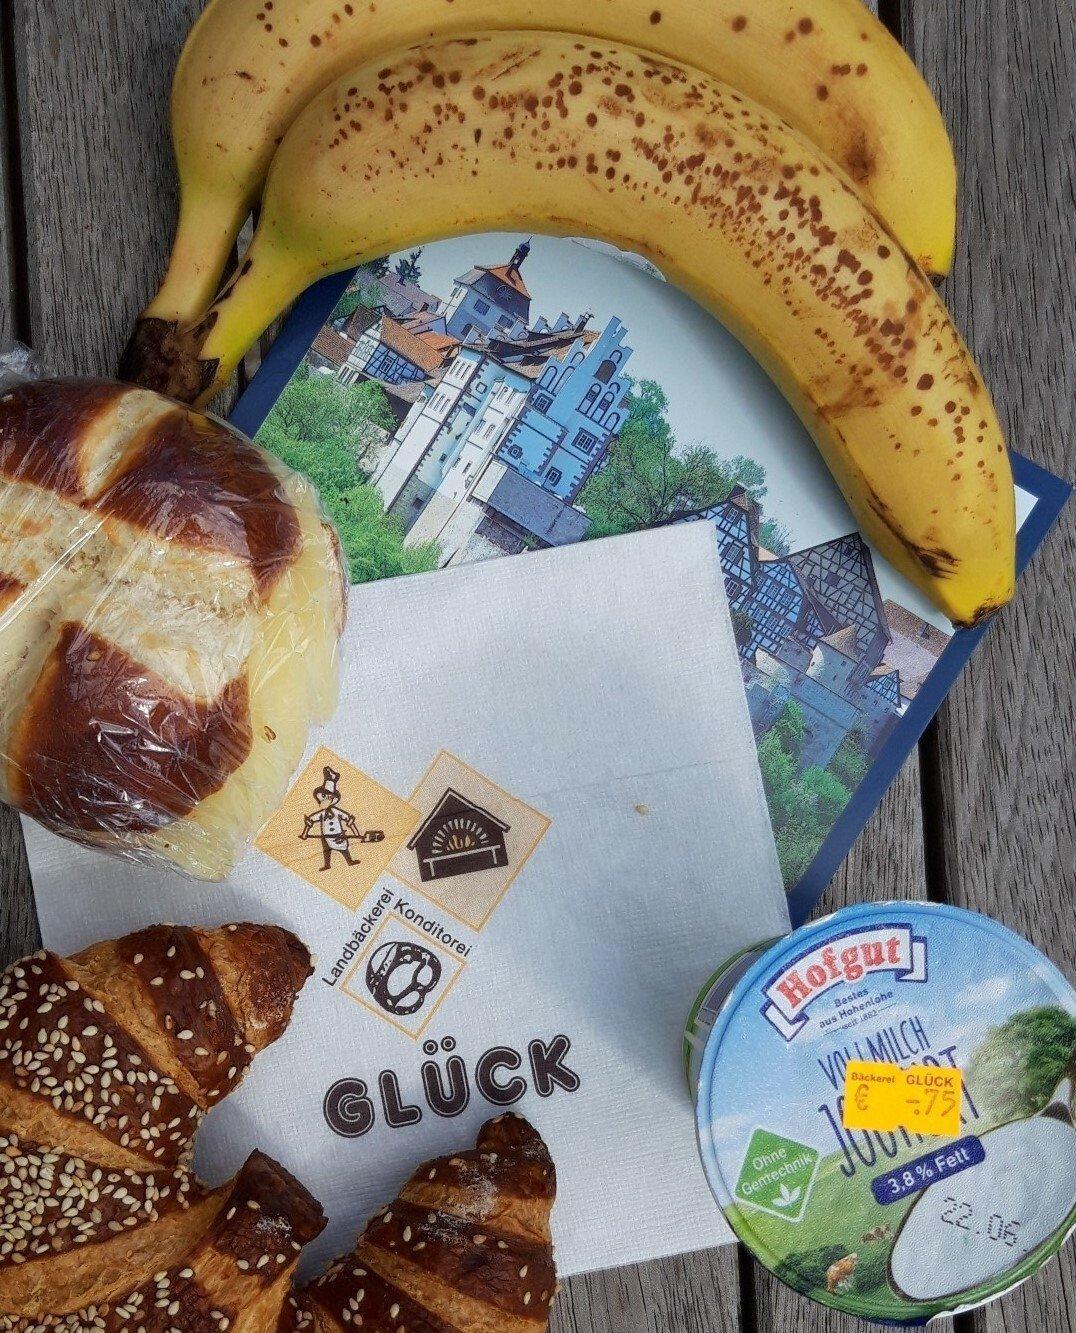 Stillleben auf einer Parkbank mit Banane, Joghurt, Laugenbrötchen.